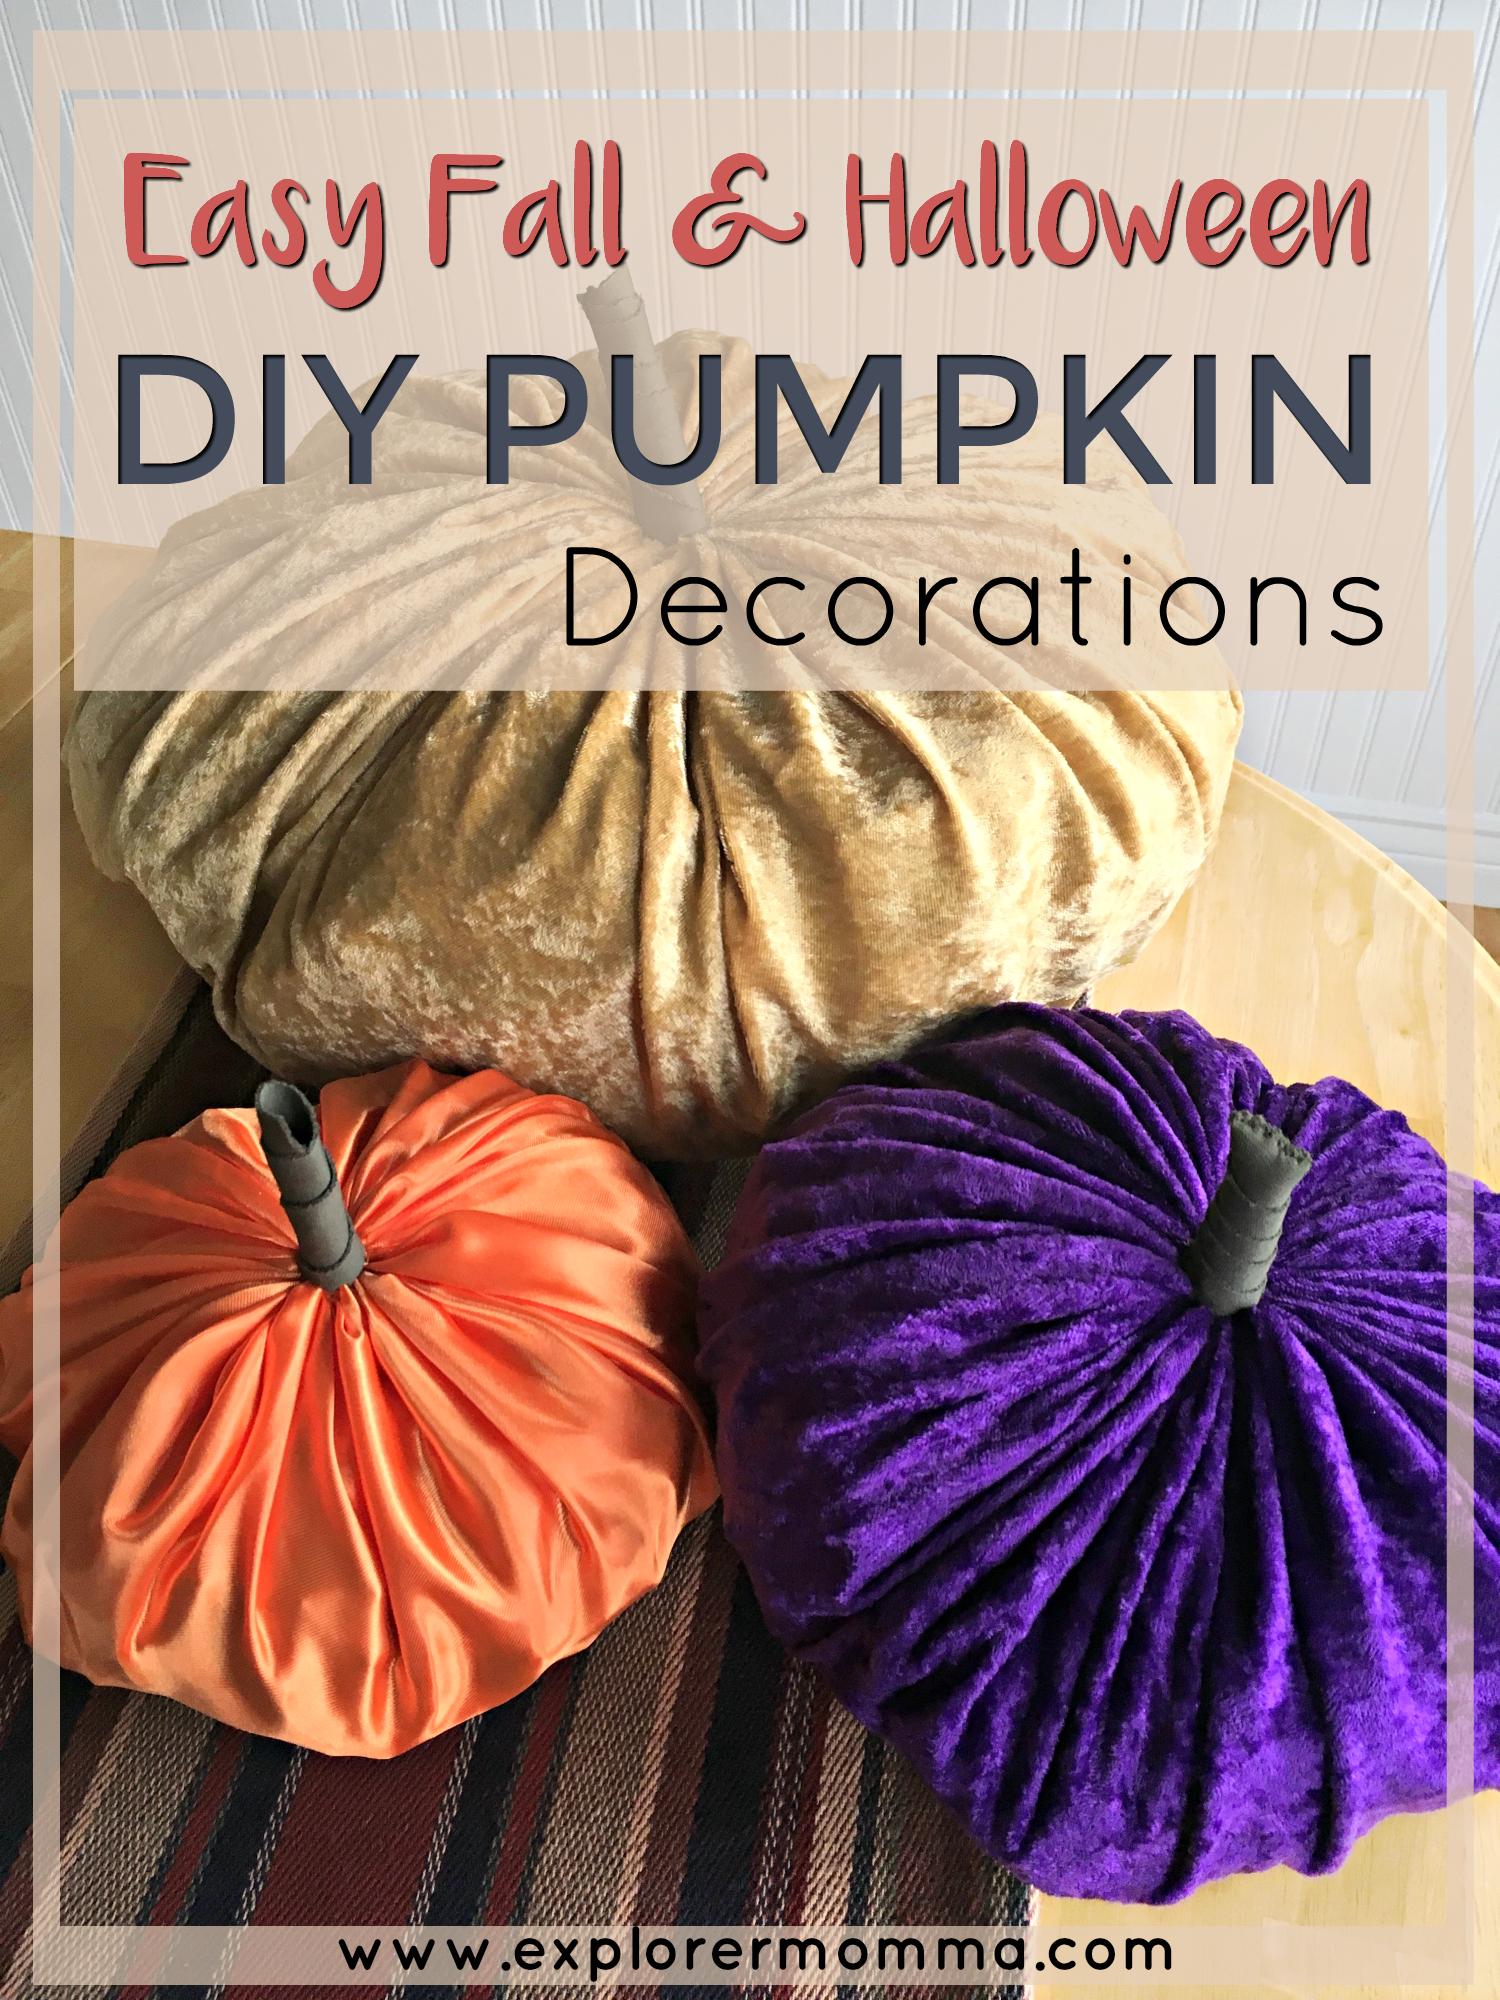 Easy DIY Pumpkin Decor pin